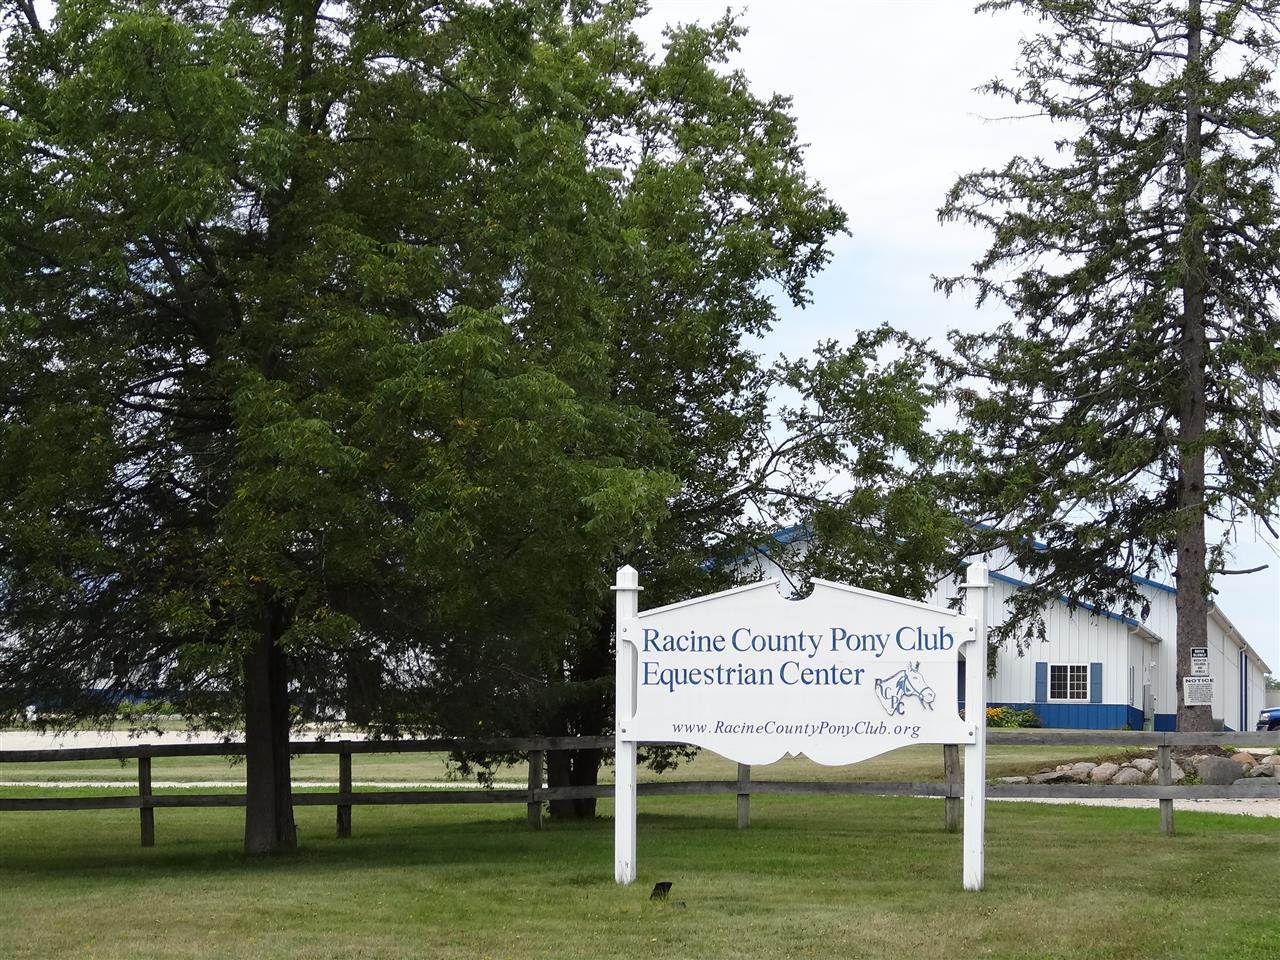 Racine Country Pony Club